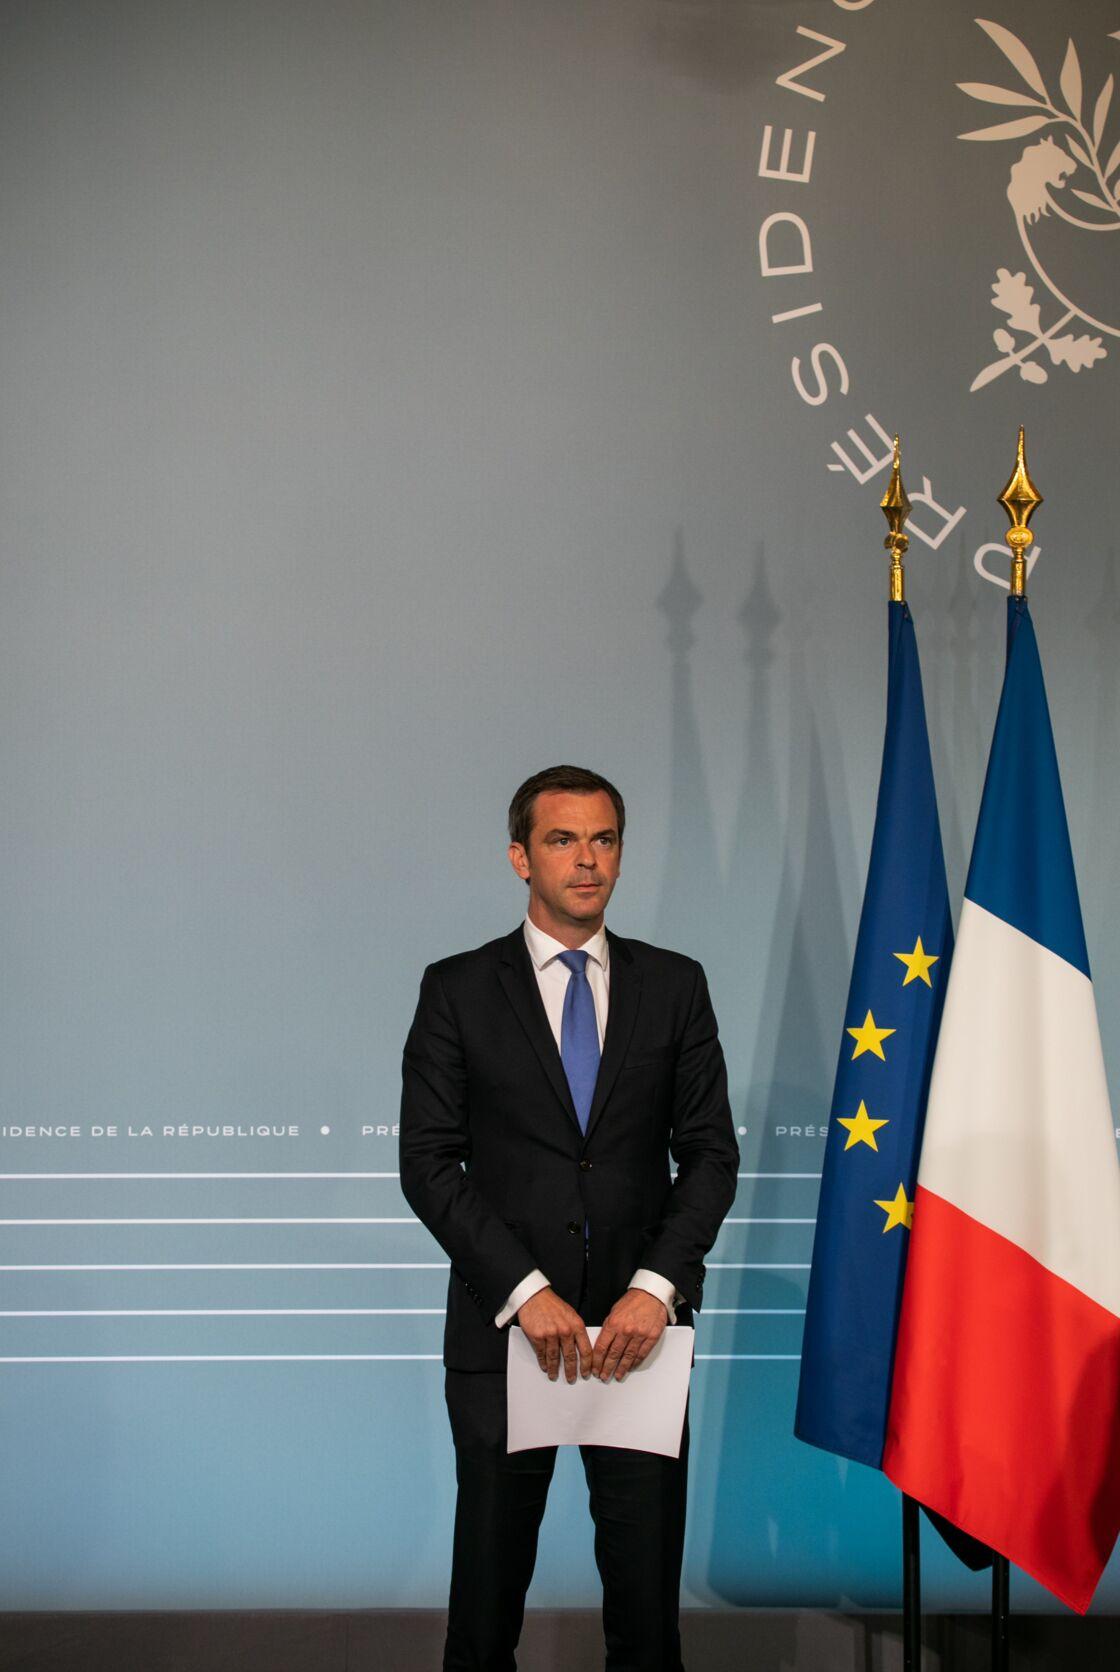 Début mai, Olivier Véran est devenu la 4e personnalité politique préférée des Français, selon un baromètre Ipsos-Le Point.